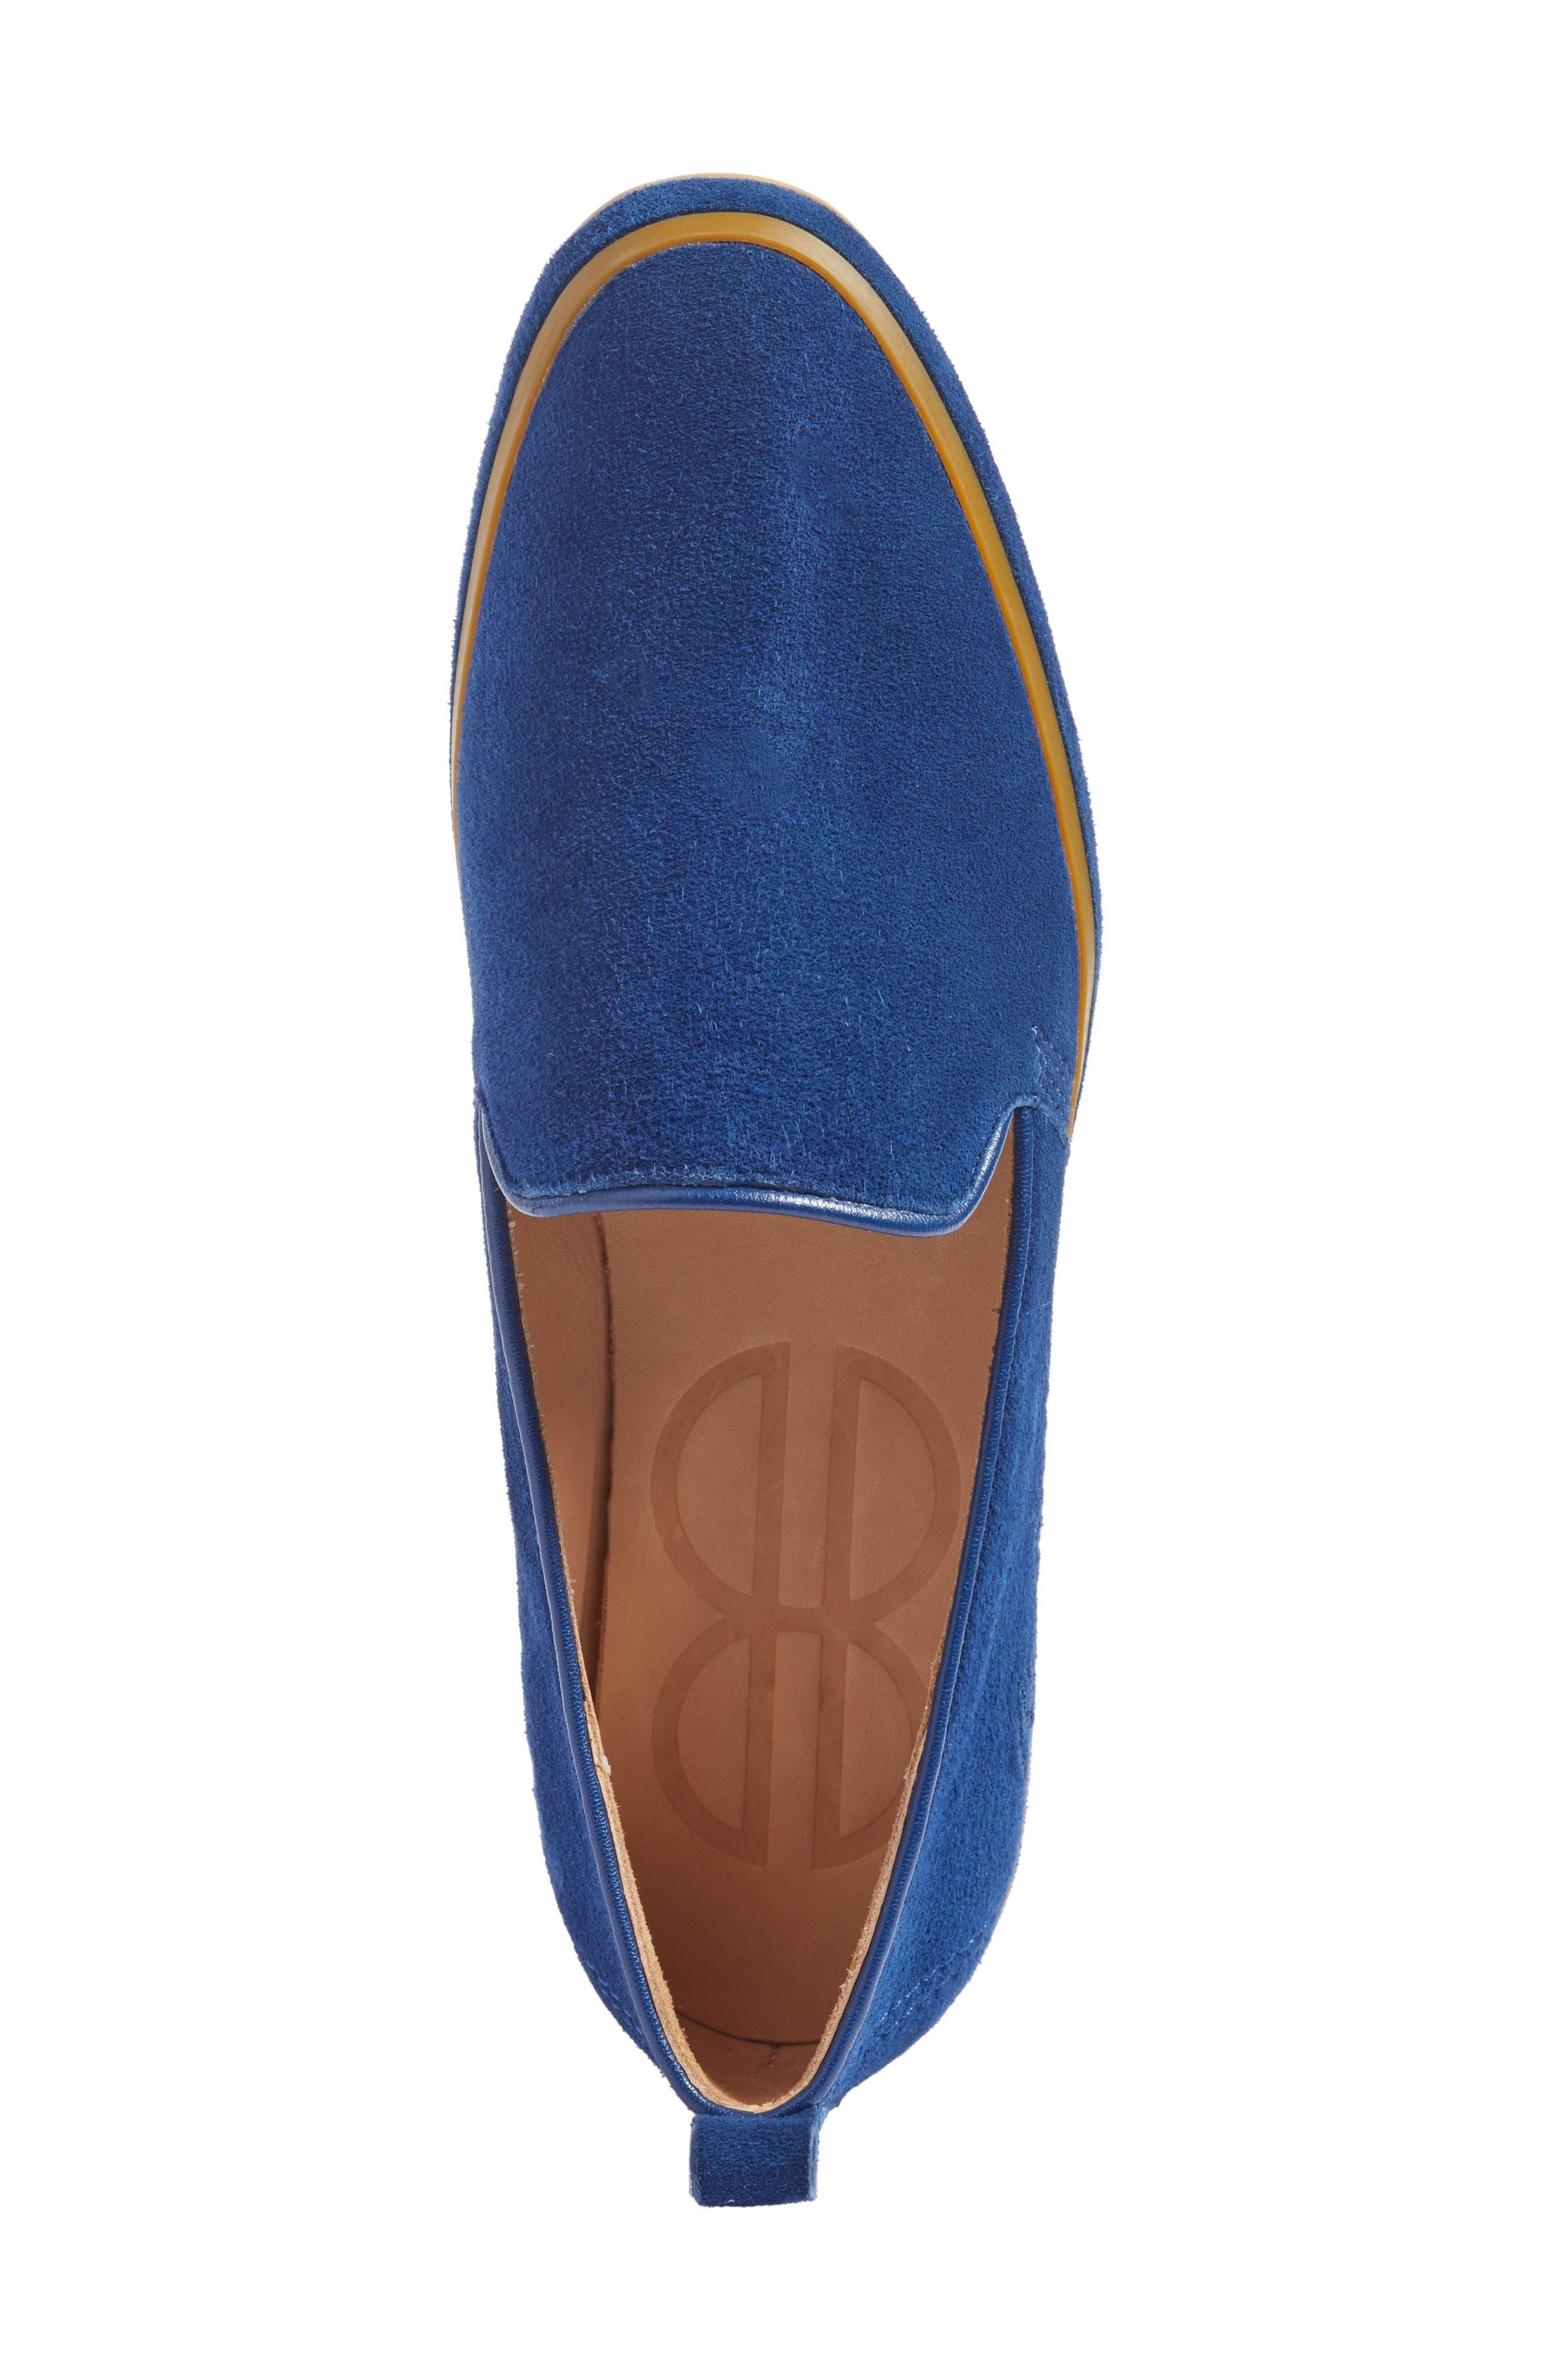 Sutton Slip-On Loafer,                             Alternate thumbnail 5, color,                             411